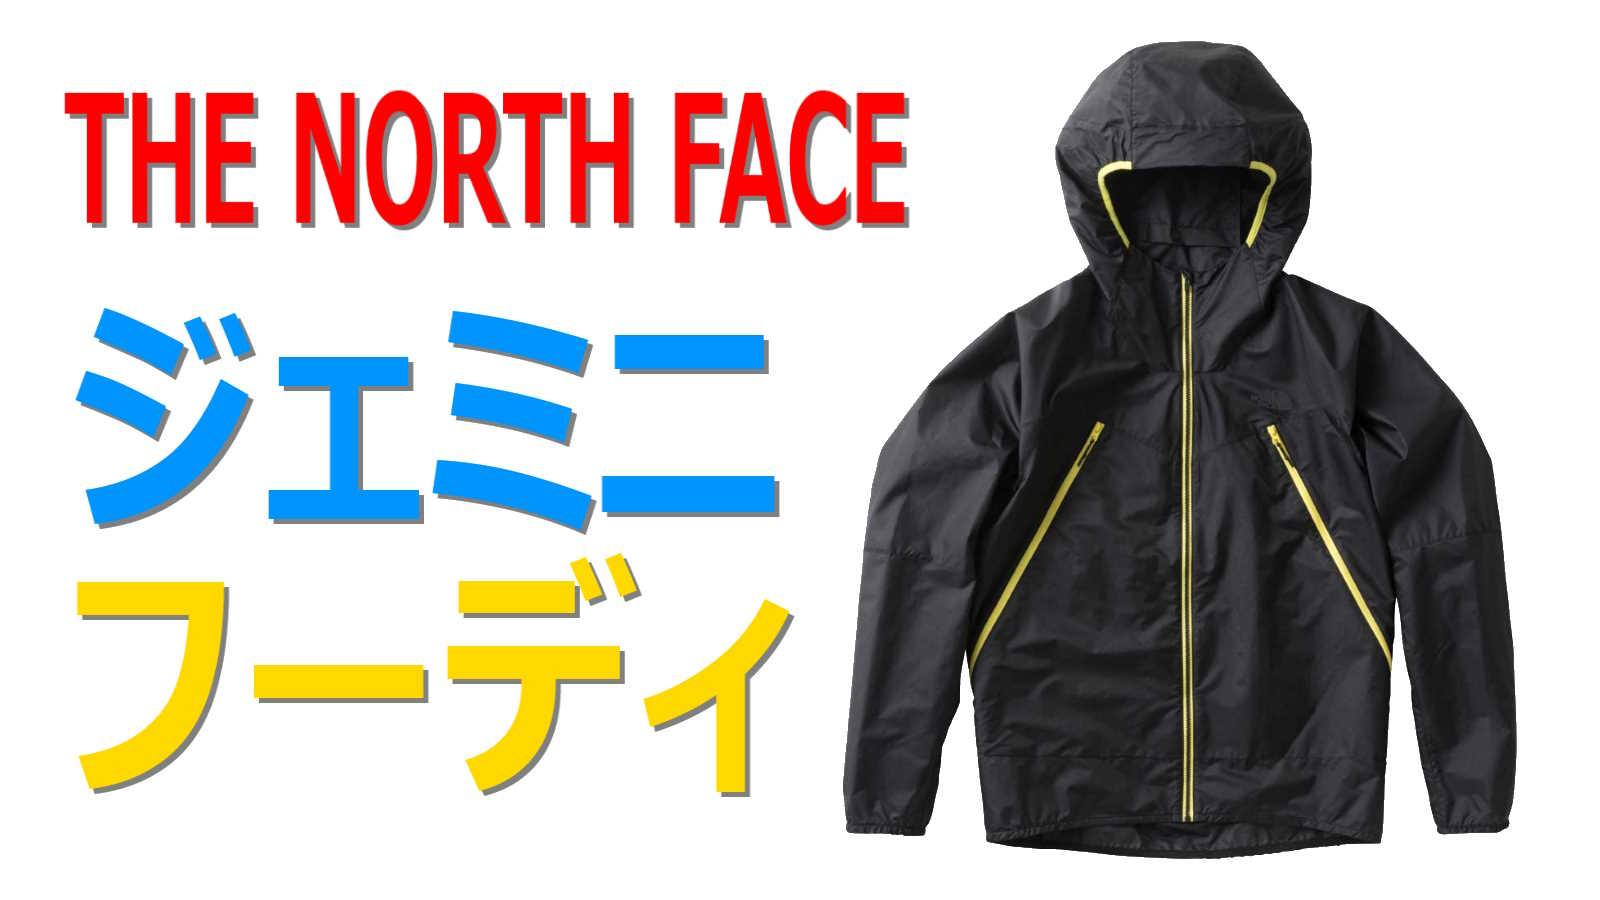 THE NORTH FACEのジェミニフーディをついに買った